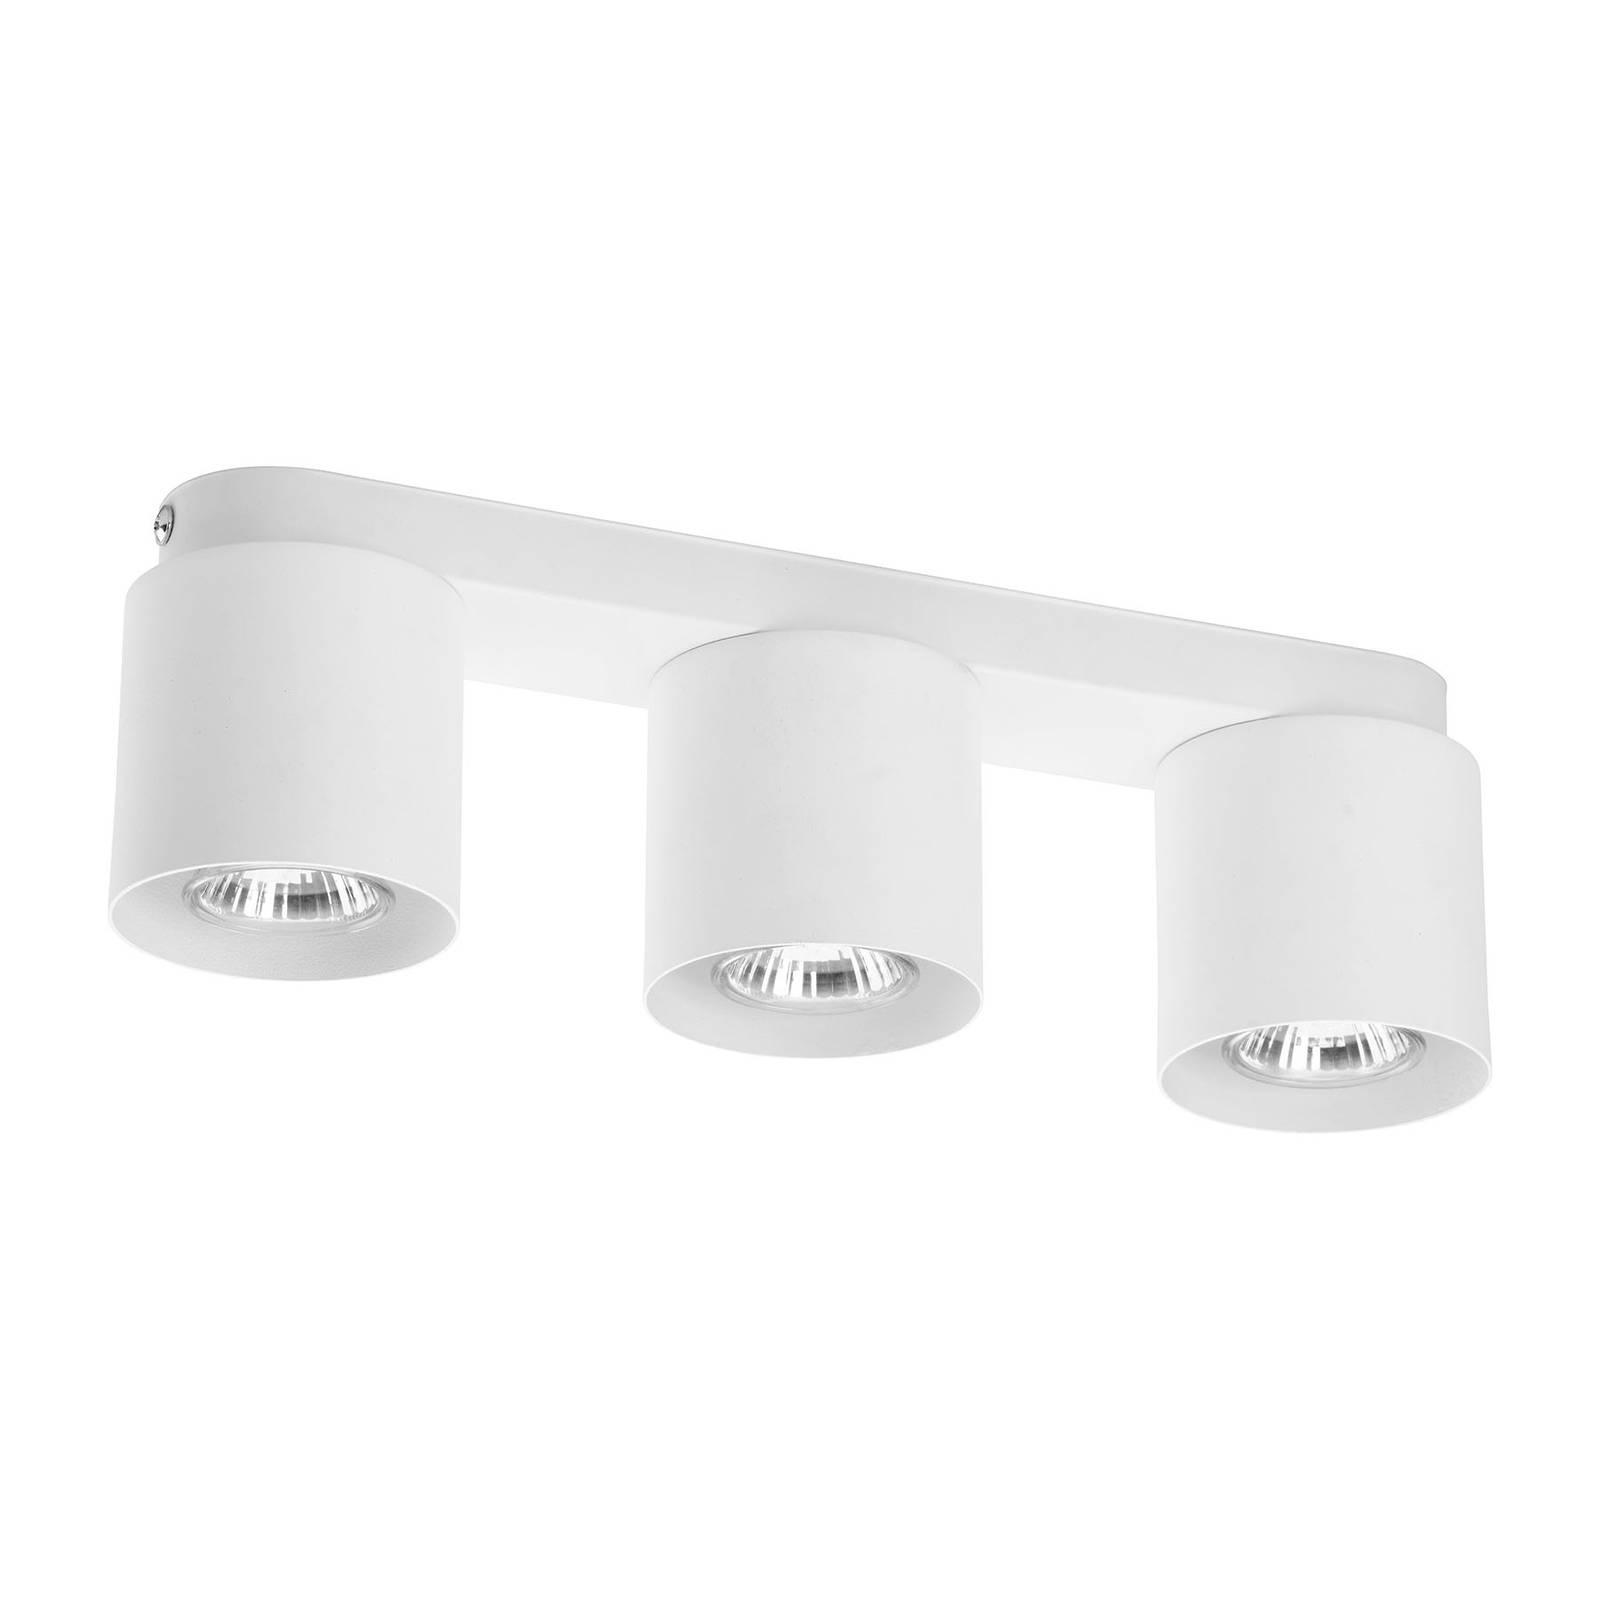 Kattovalaisin Vico, 3-lamppuinen, valkoinen